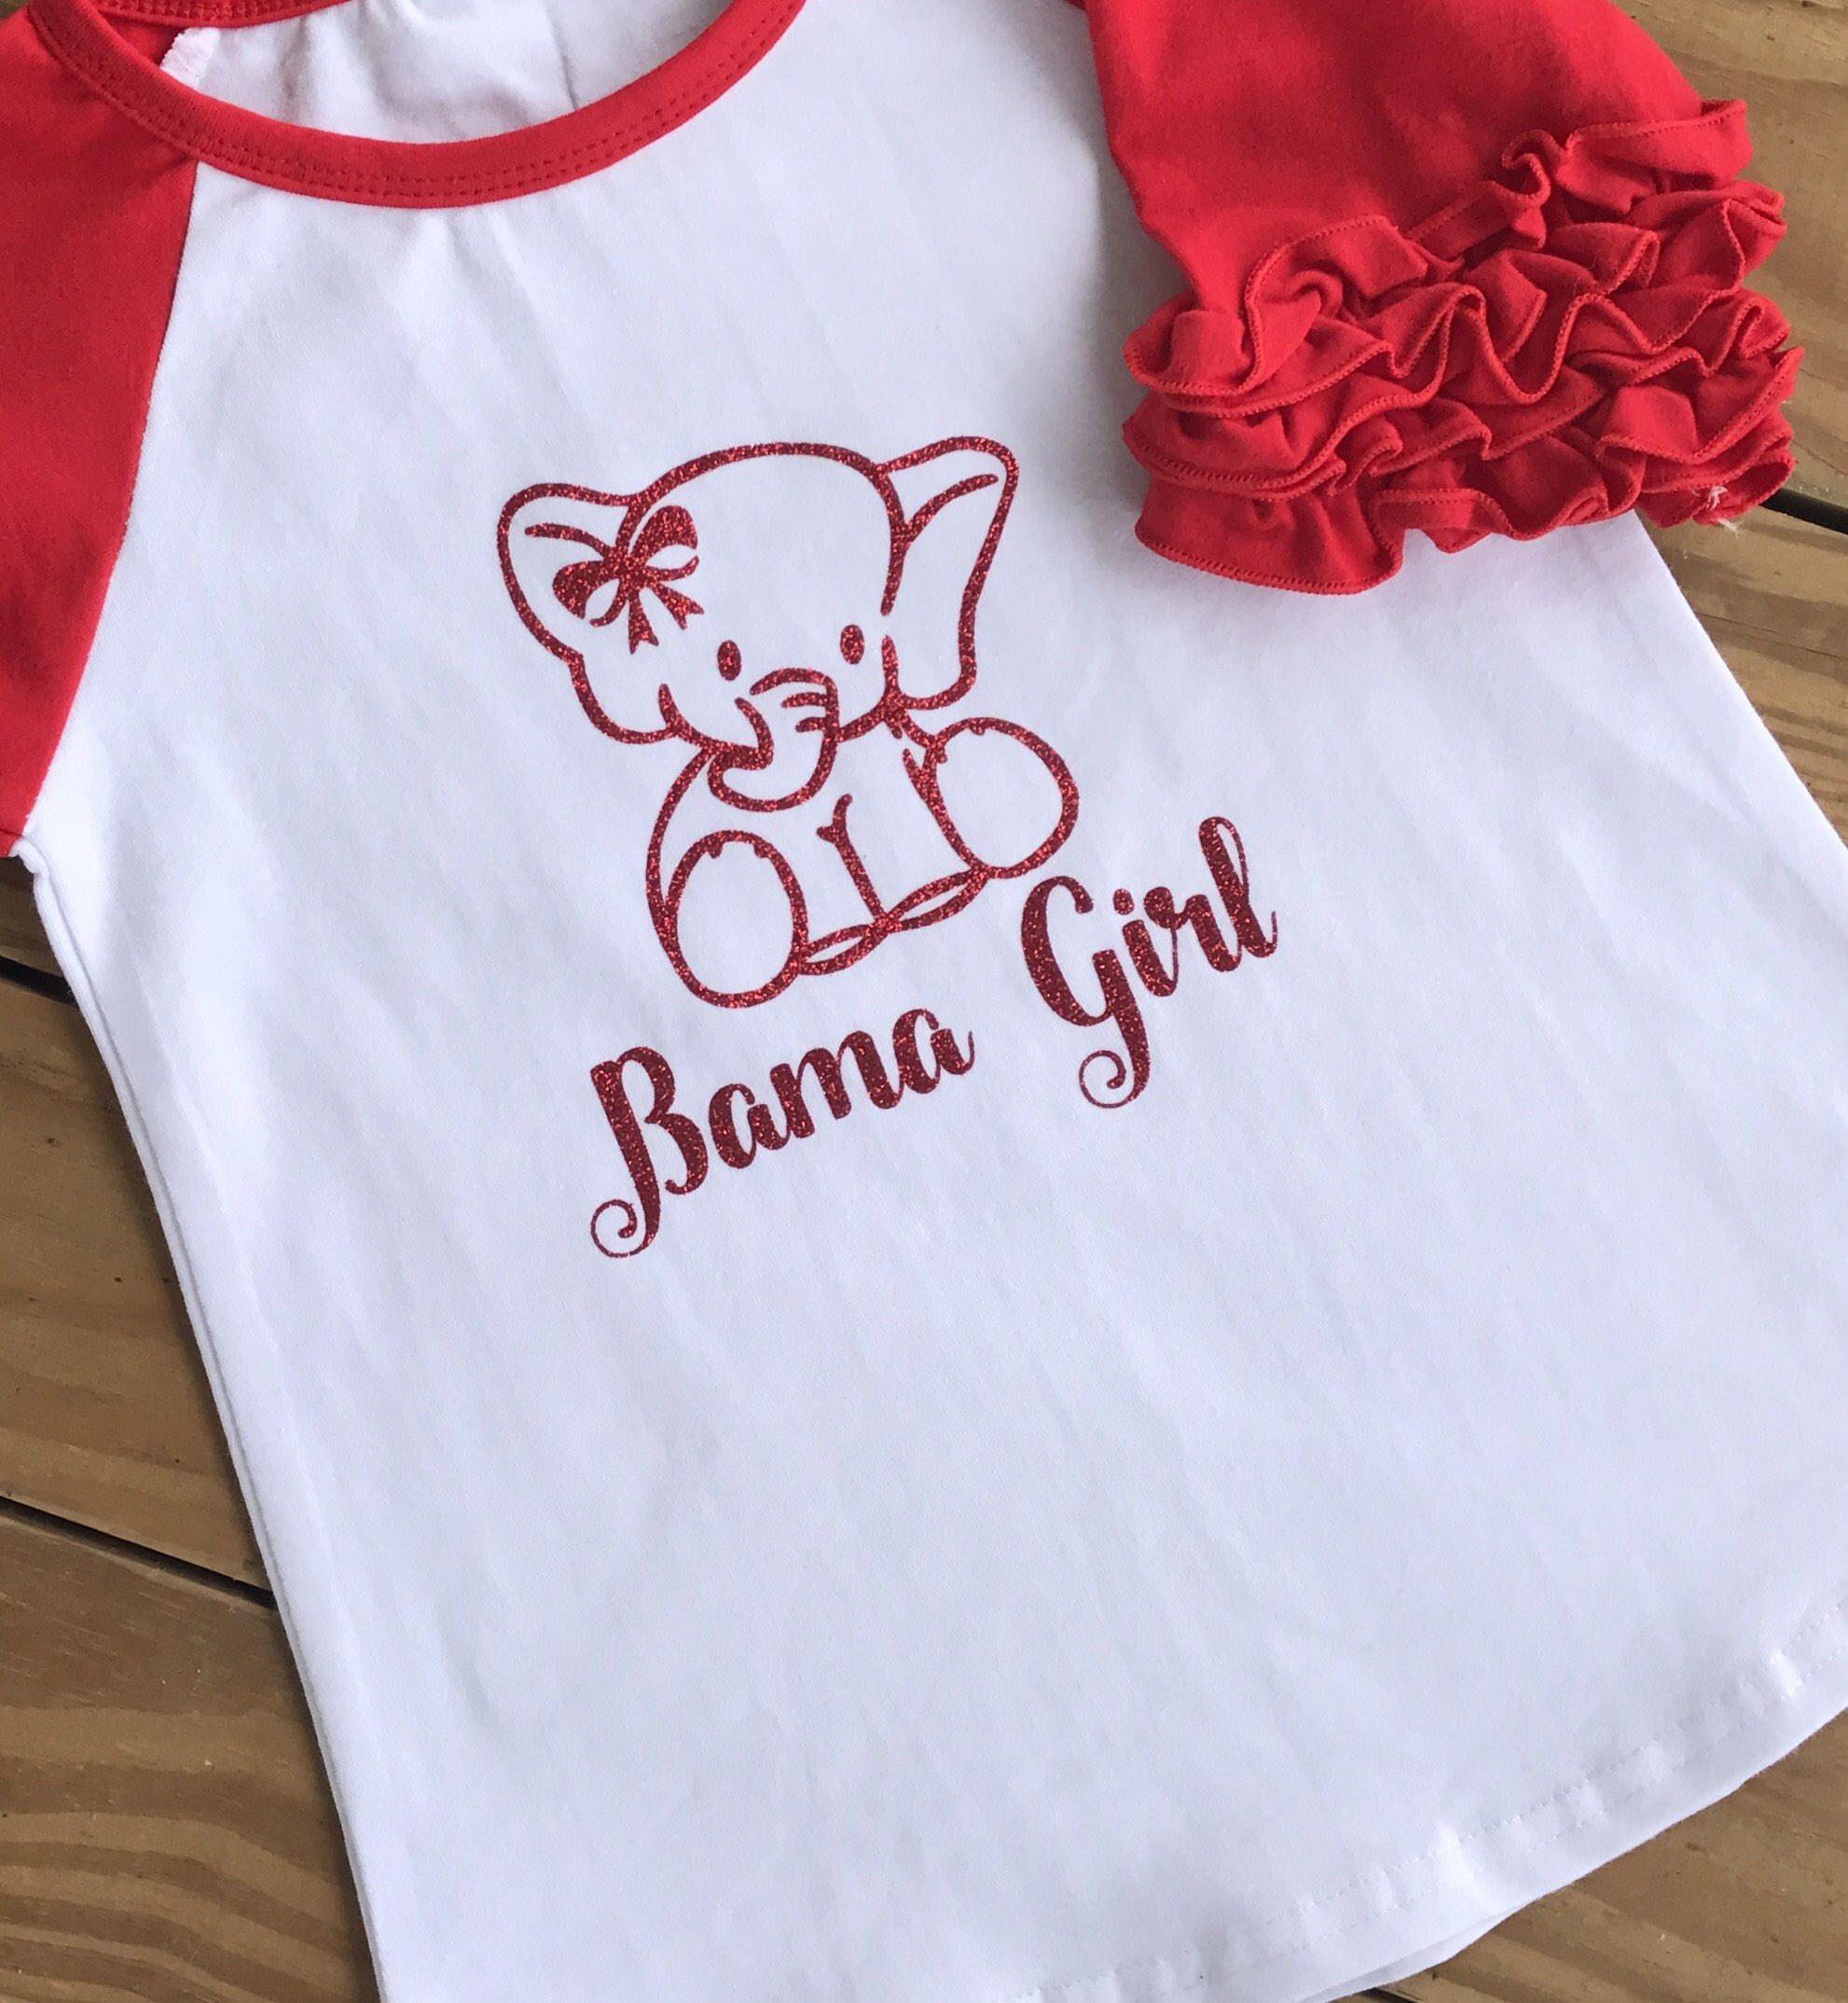 Bama Girl Alabama Raglan Roll Tide Alabama Shirt Crimson Tide